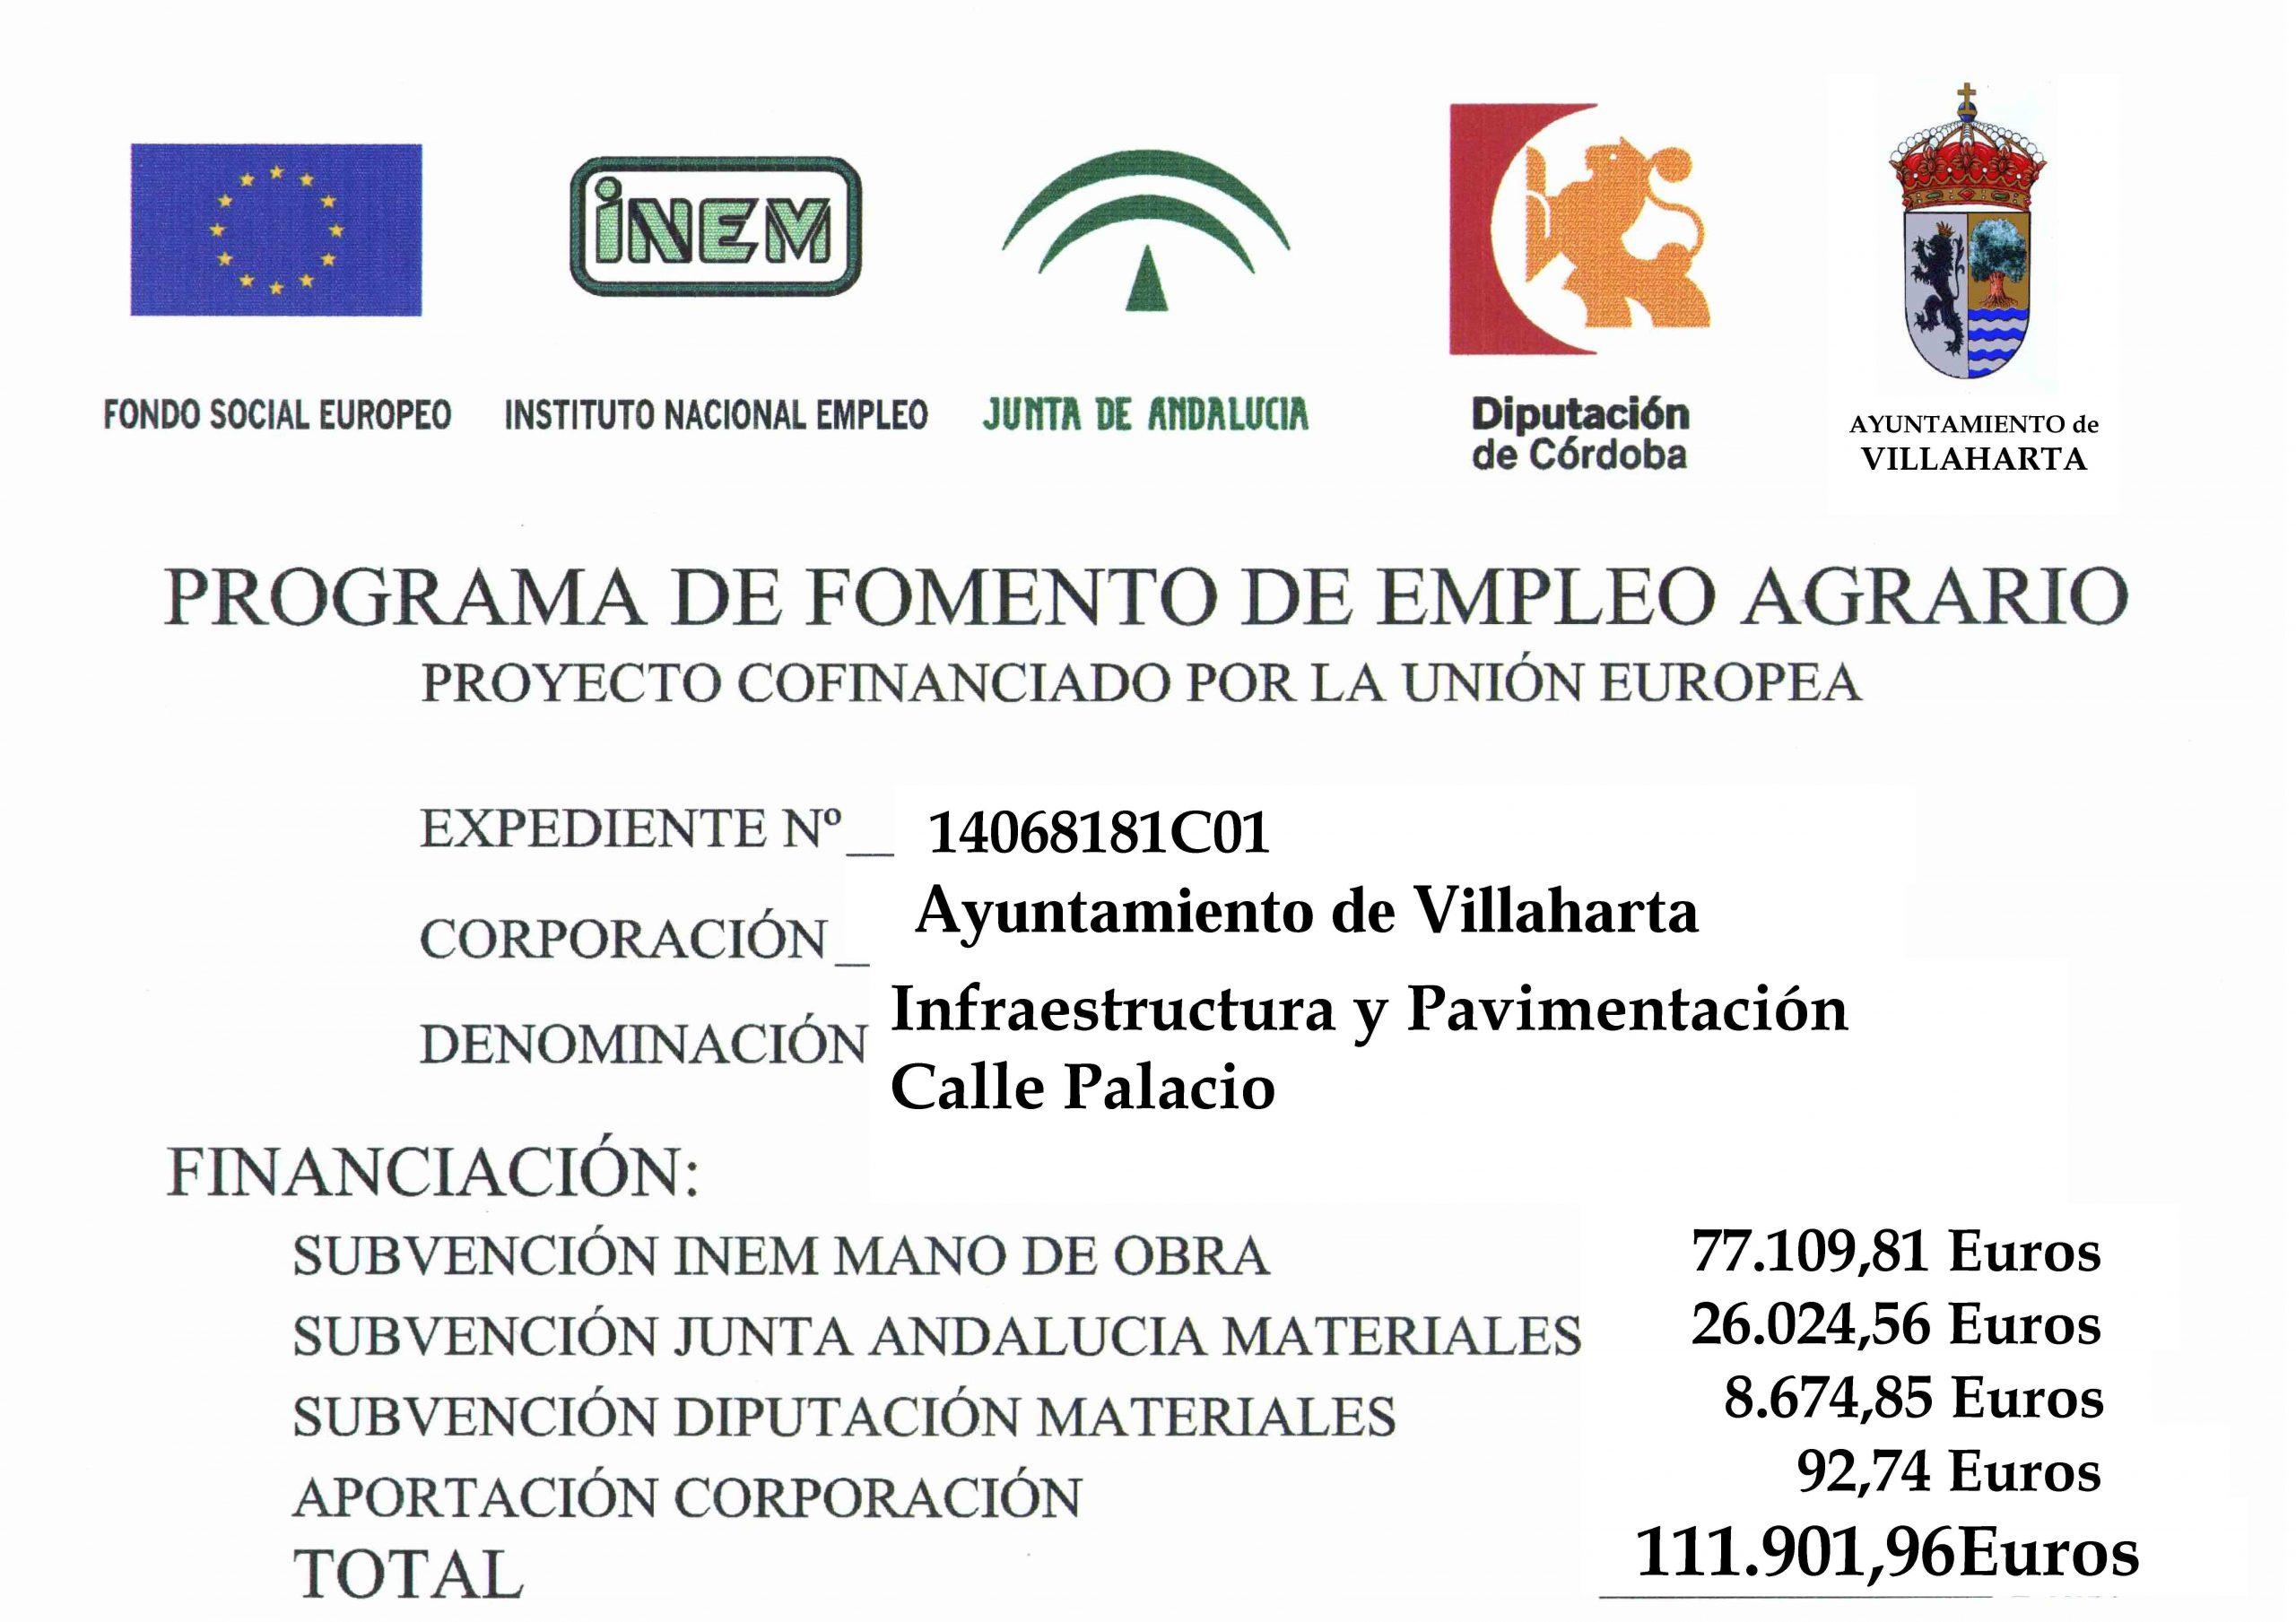 SUBVENCIONES RECIBIDAS. 2018 21